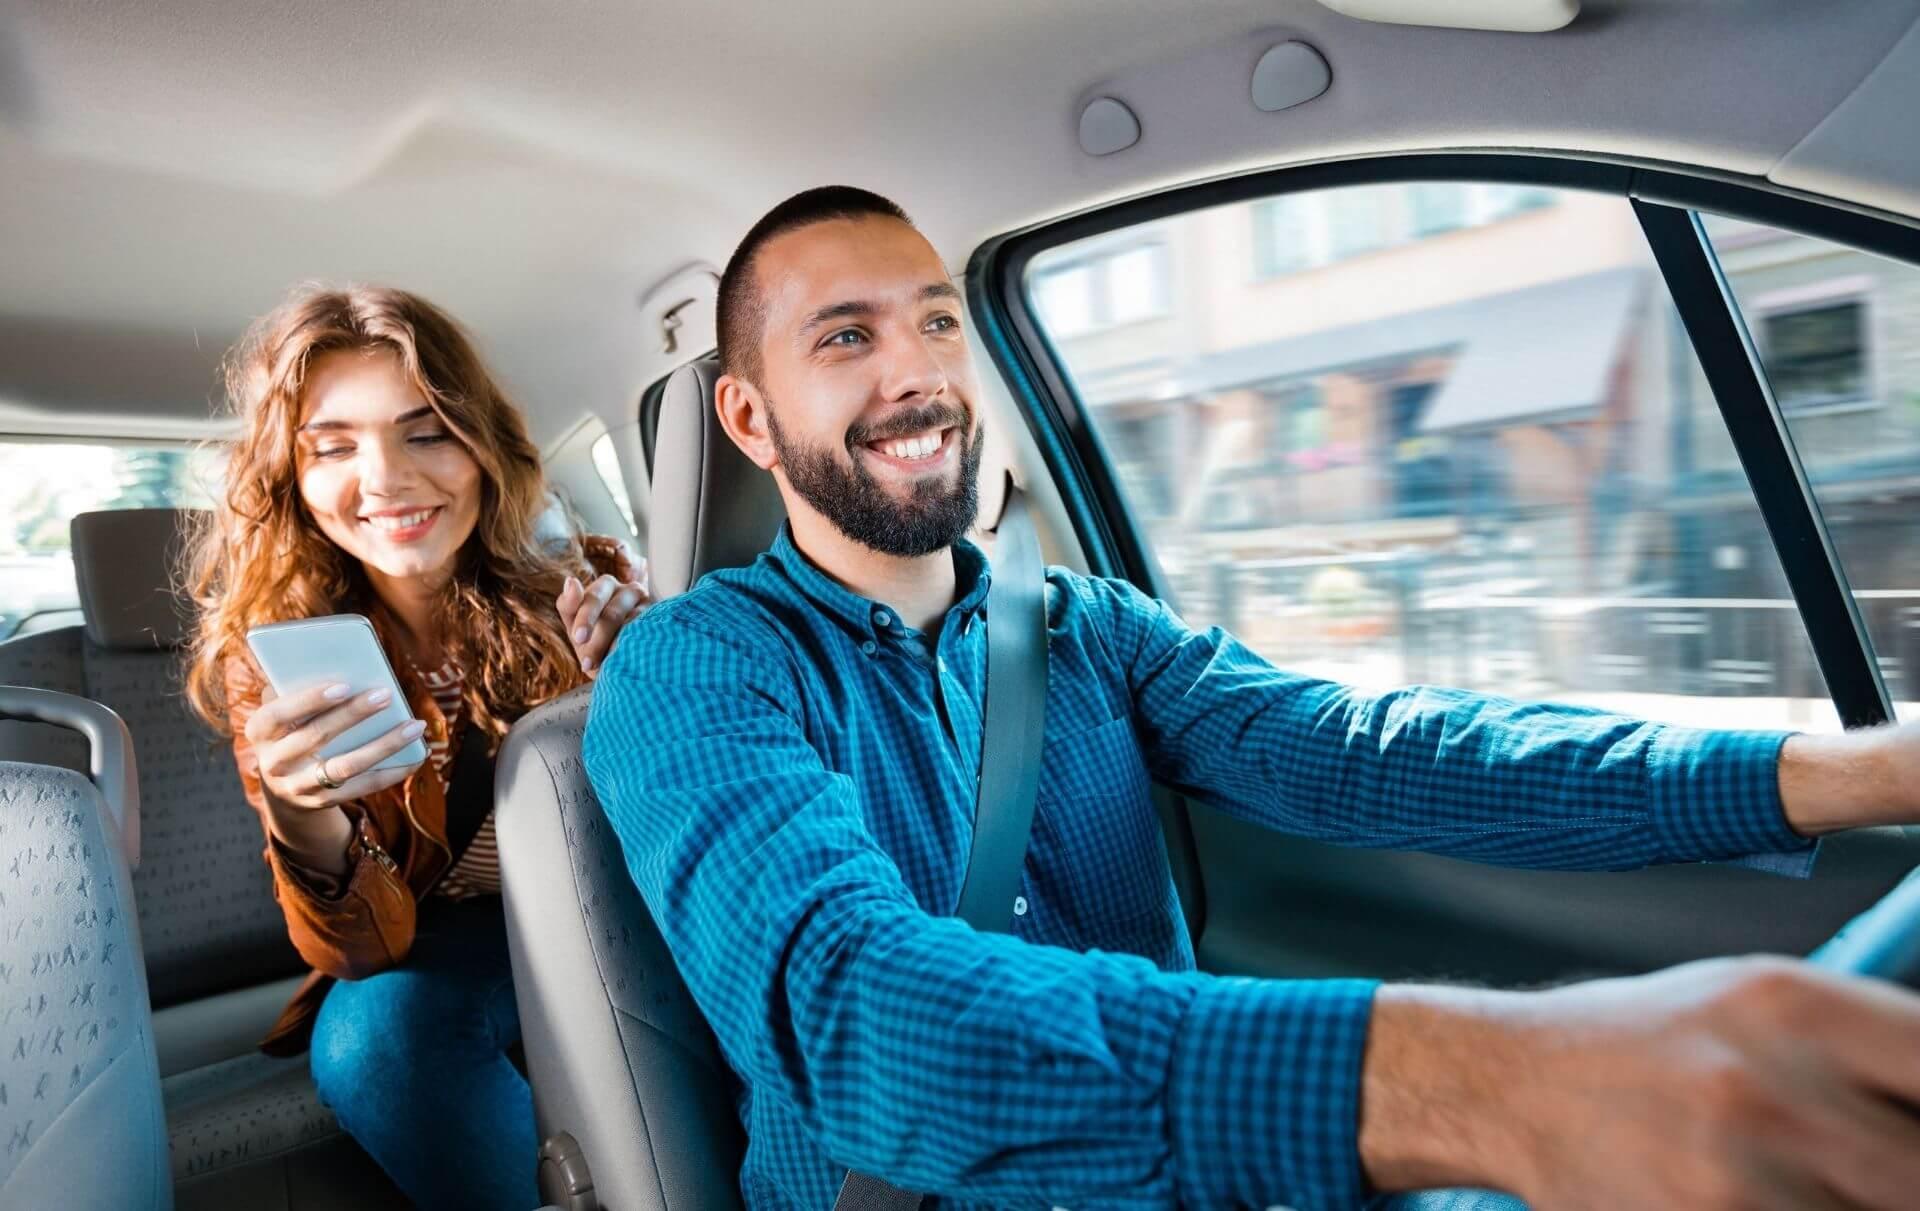 Pagar autopista: Cómo hacerlo en menos de un minuto